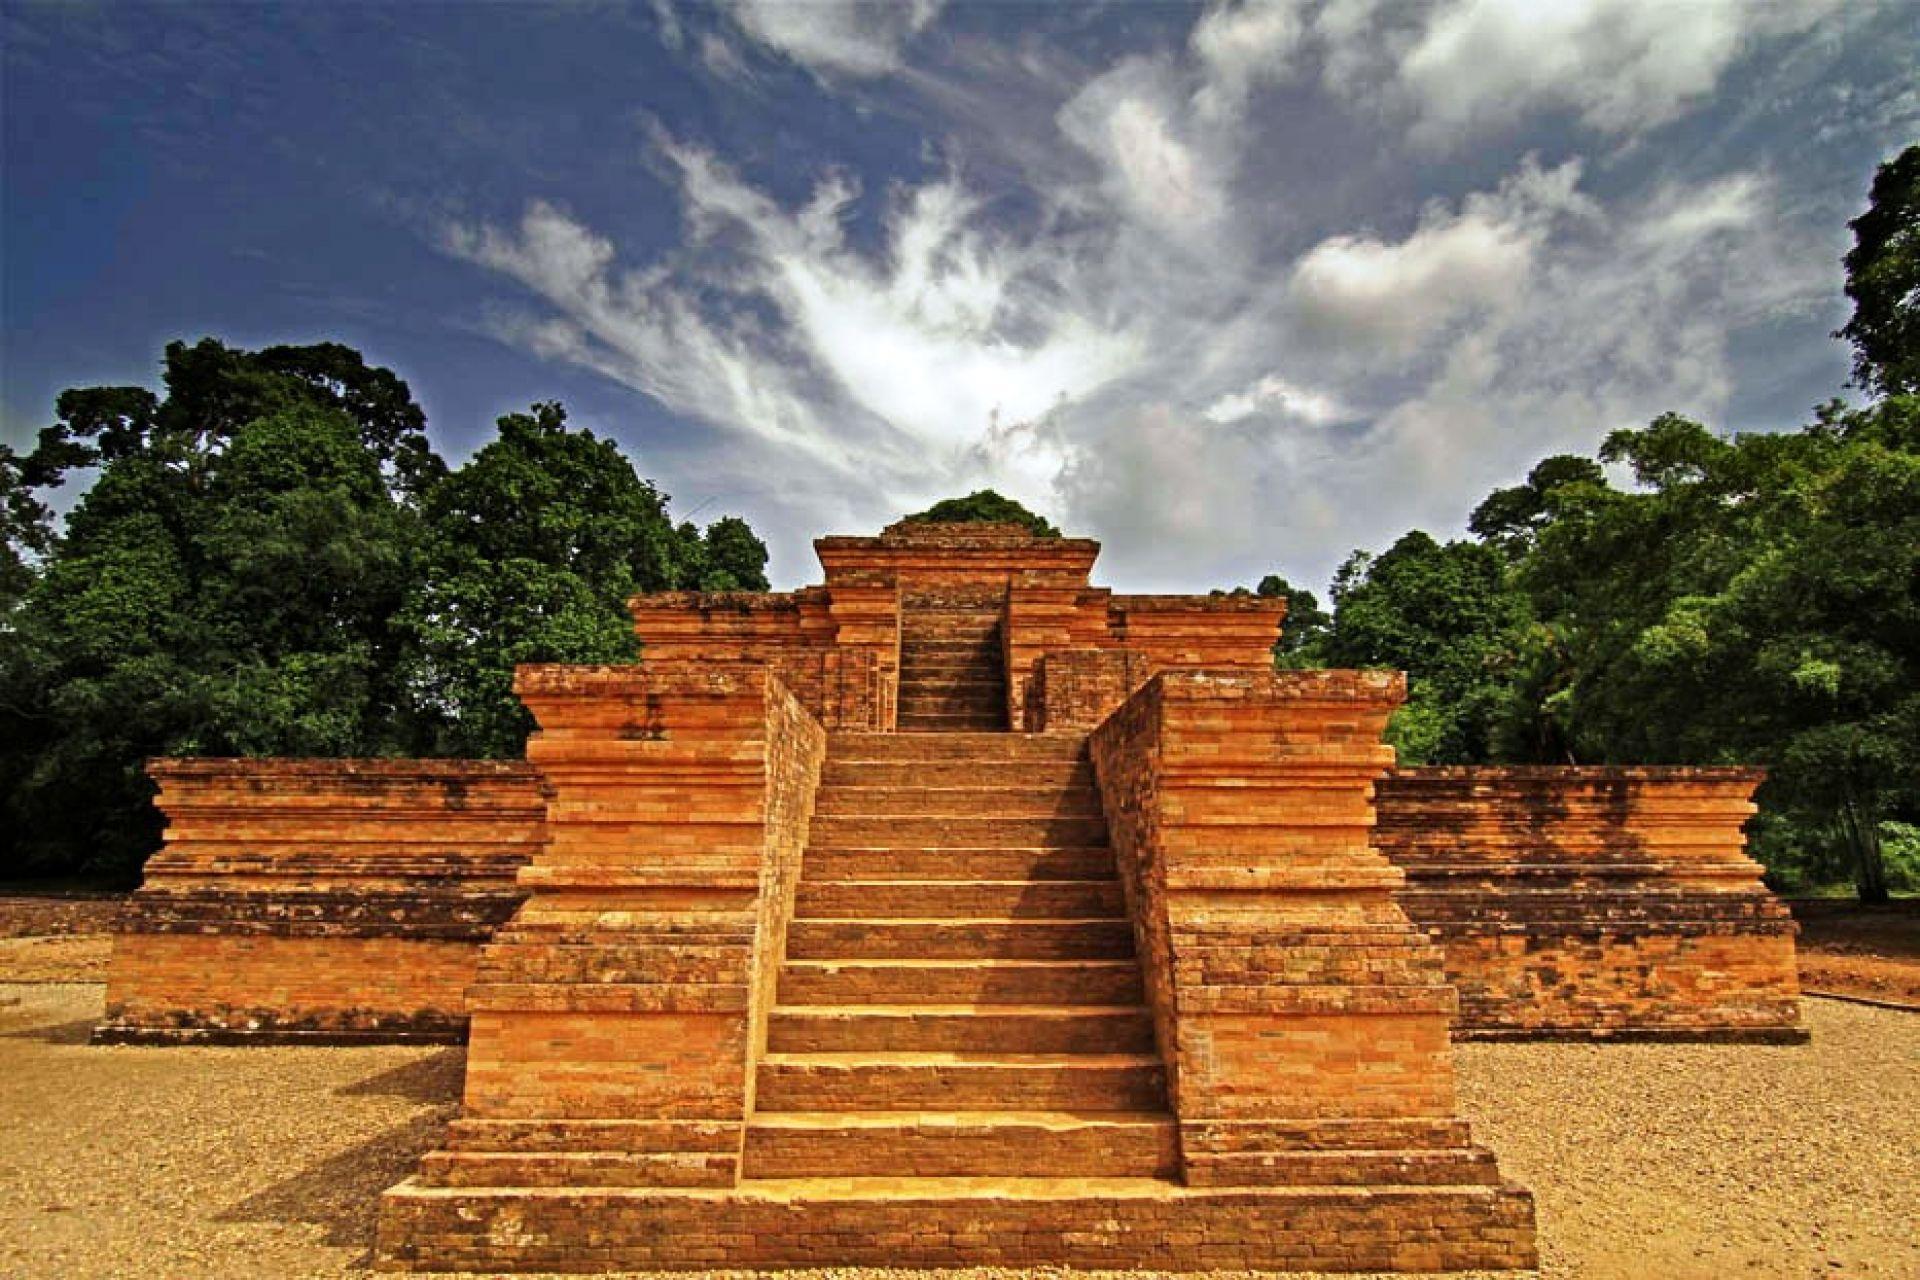 Liburan Sambil Belajar Sejarah ! Inilah 5 Destinasi Wisata Alam dan Budaya Jambi